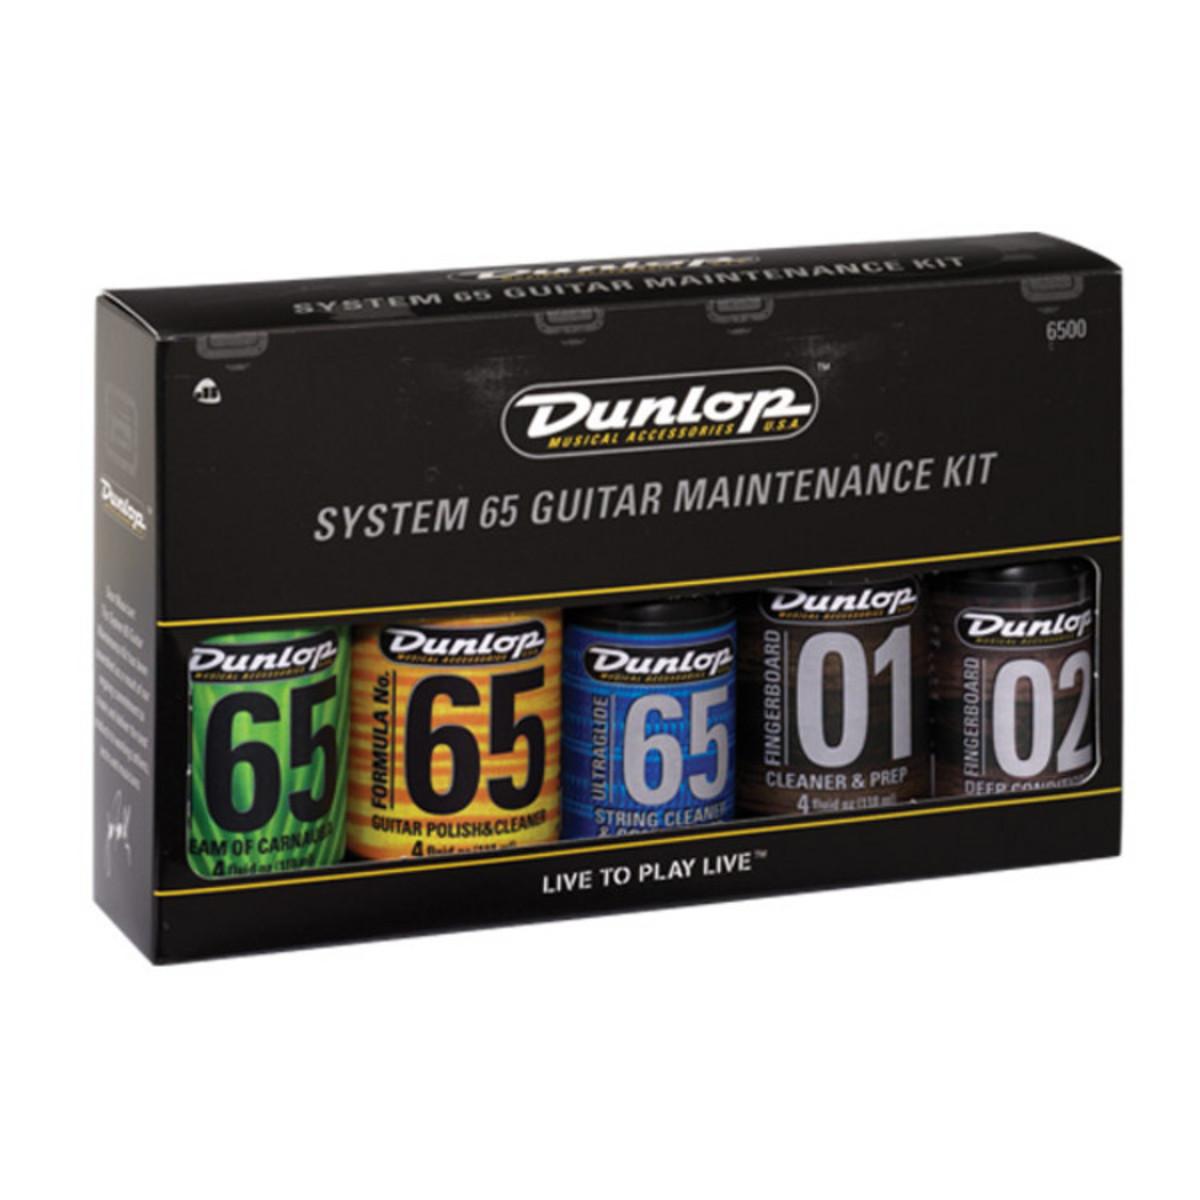 jim dunlop system 6500 guitar care and maintenance kit at. Black Bedroom Furniture Sets. Home Design Ideas